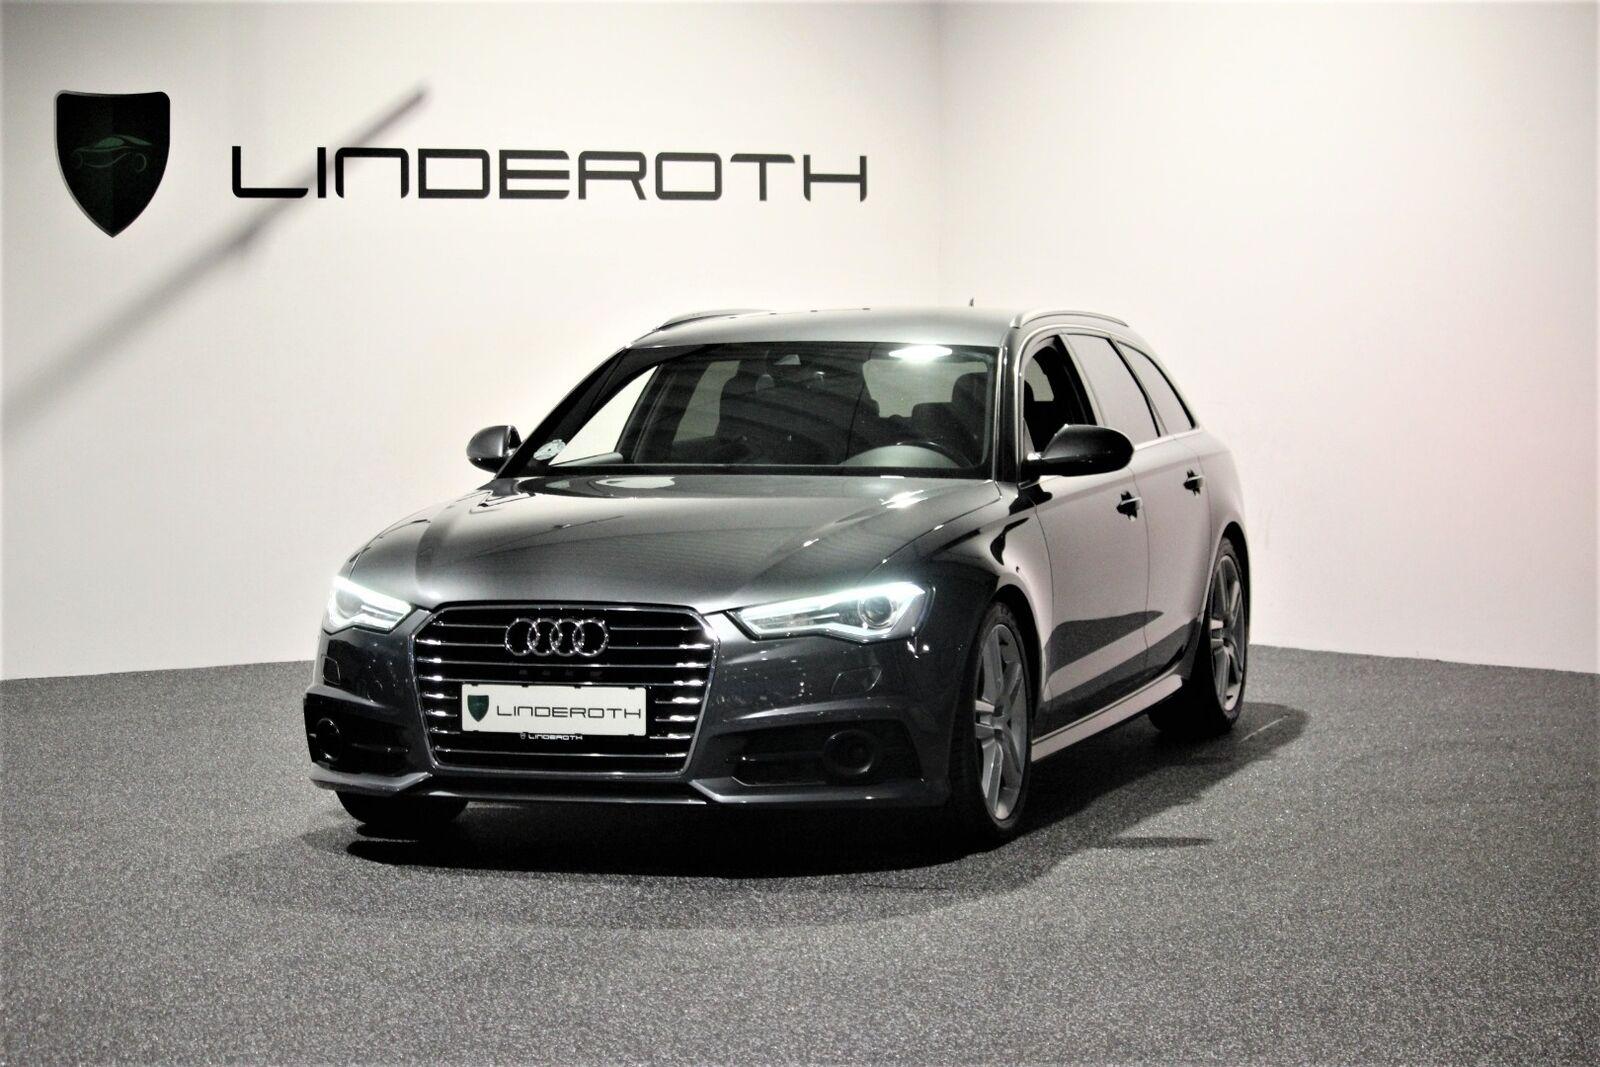 Audi A6 3,0 TDi 272 Avant quattro S-tr. 5d - 459.500 kr.